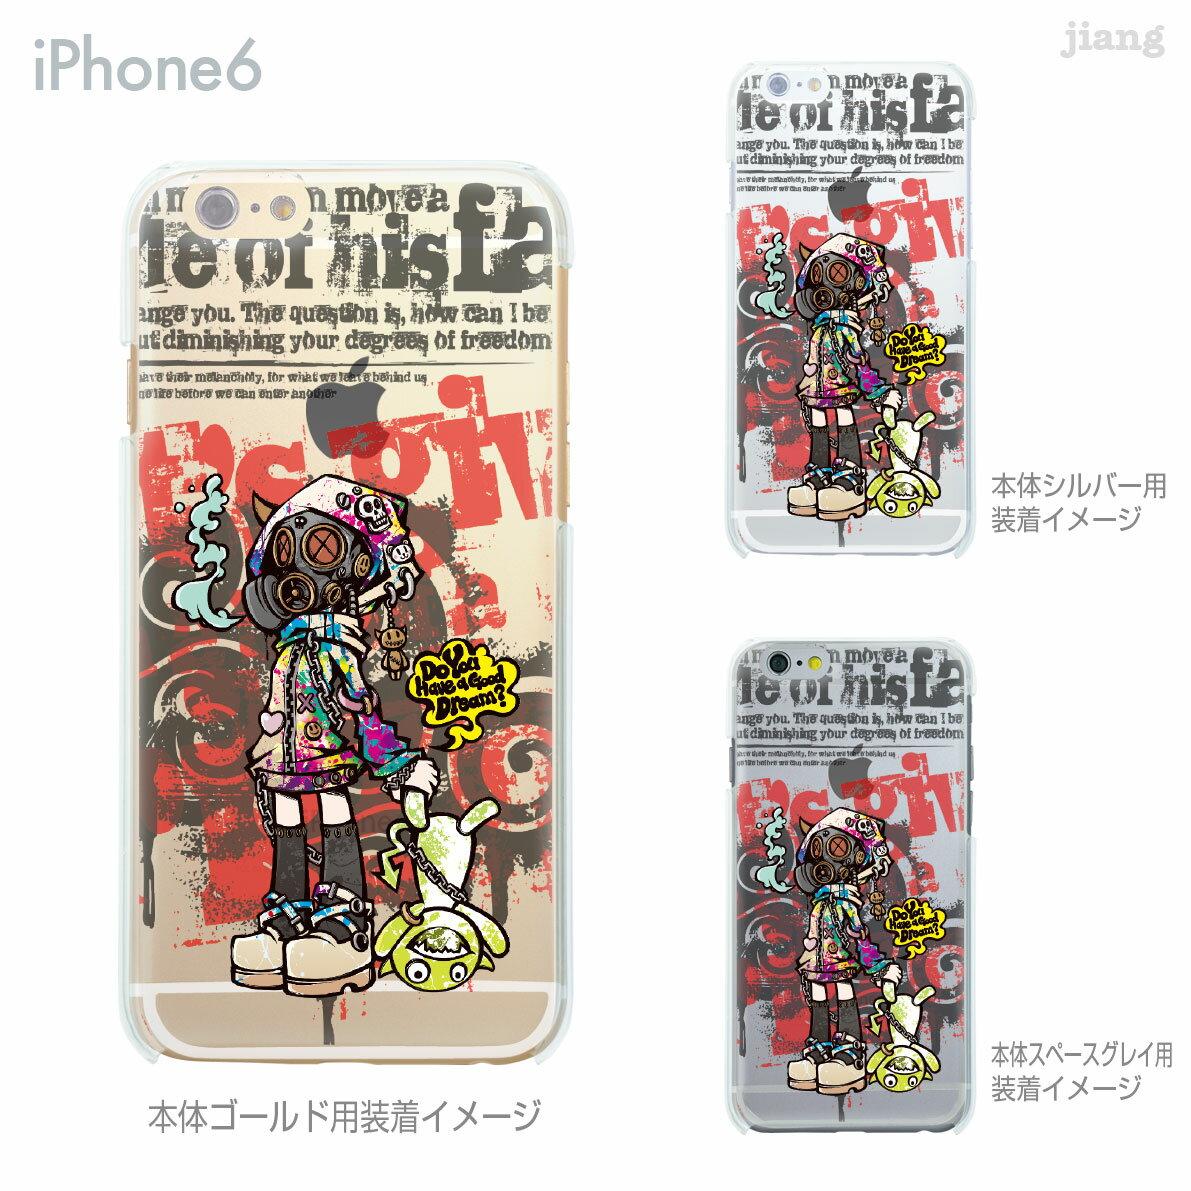 iPhoneX iPhone X ケース iPhone8 iPhone7ケース iPhone7 Plus iPhone6s iPhone6 Plus iphone ハードケース Clear Arts ケース カバー スマホケース クリアケース Project.C.K. GASMASK 11-ip6-ca0005-s